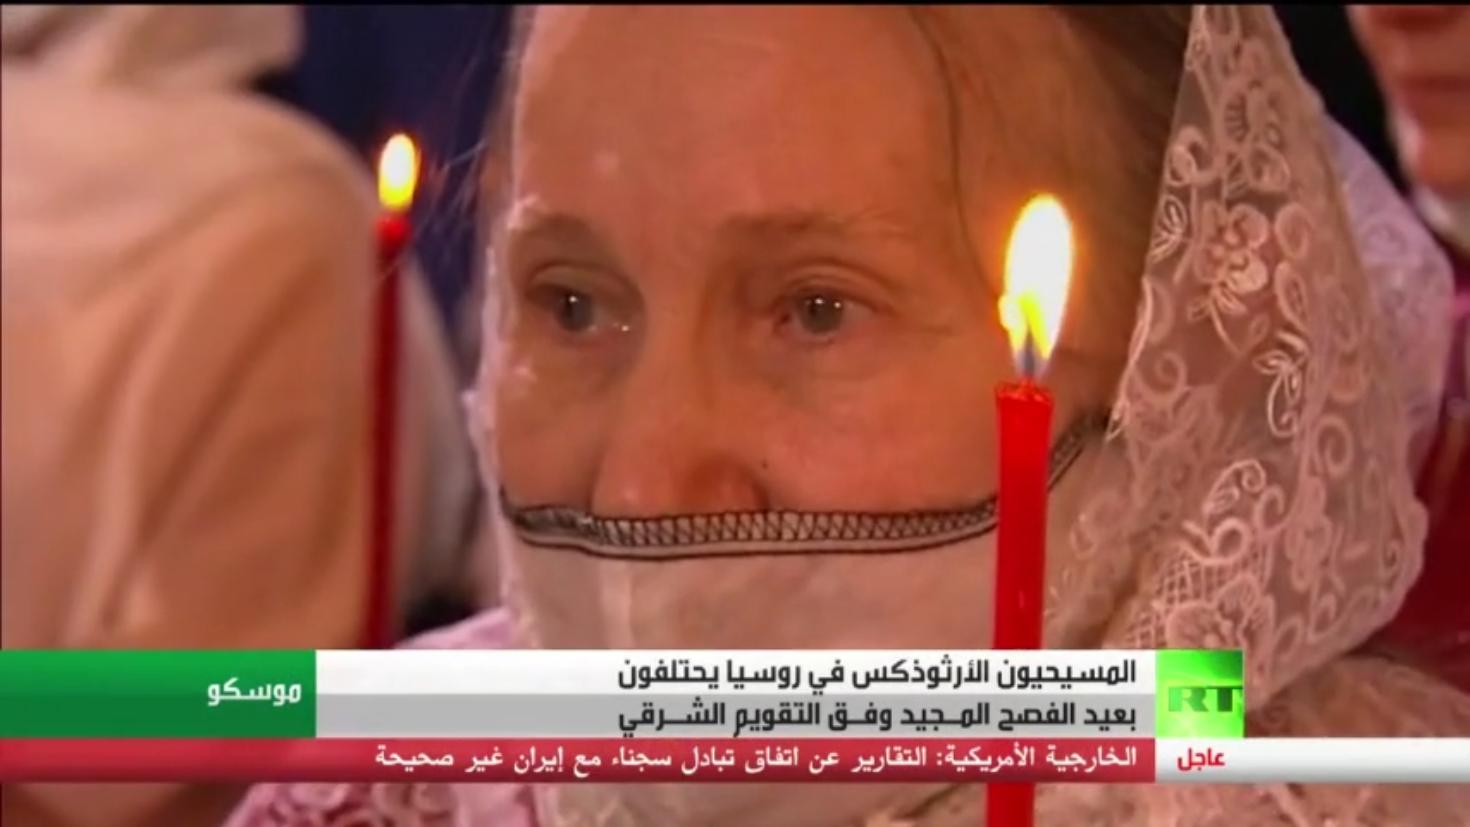 مسيحيو روسيا يحتفلون بعيد الفصح المجيد